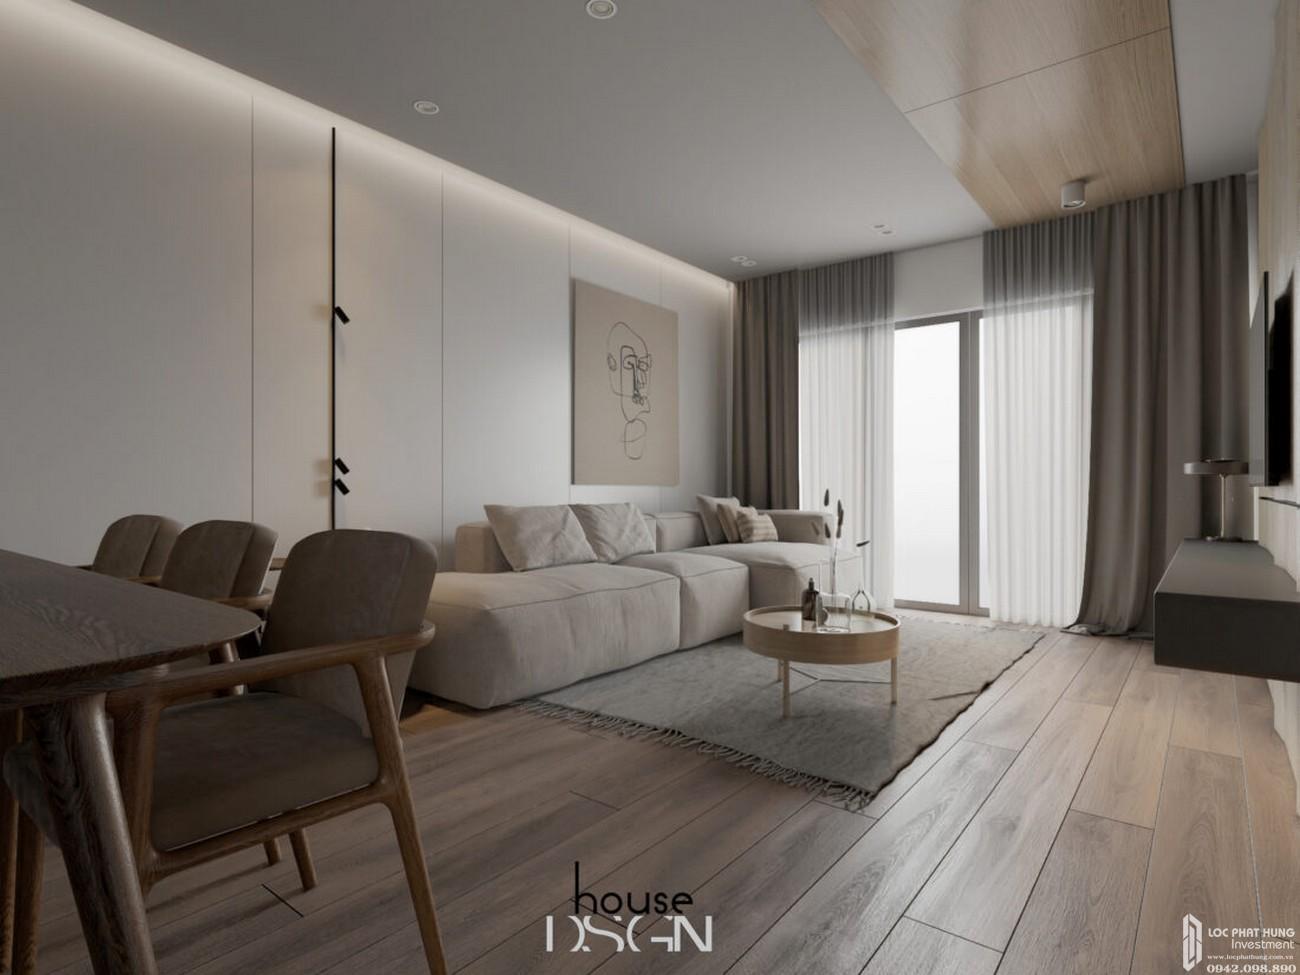 Nhà mẫu dự án nhà phố, căn hộ Dragon Empire DĨ An chủ đầu tư Vương Bảo Long